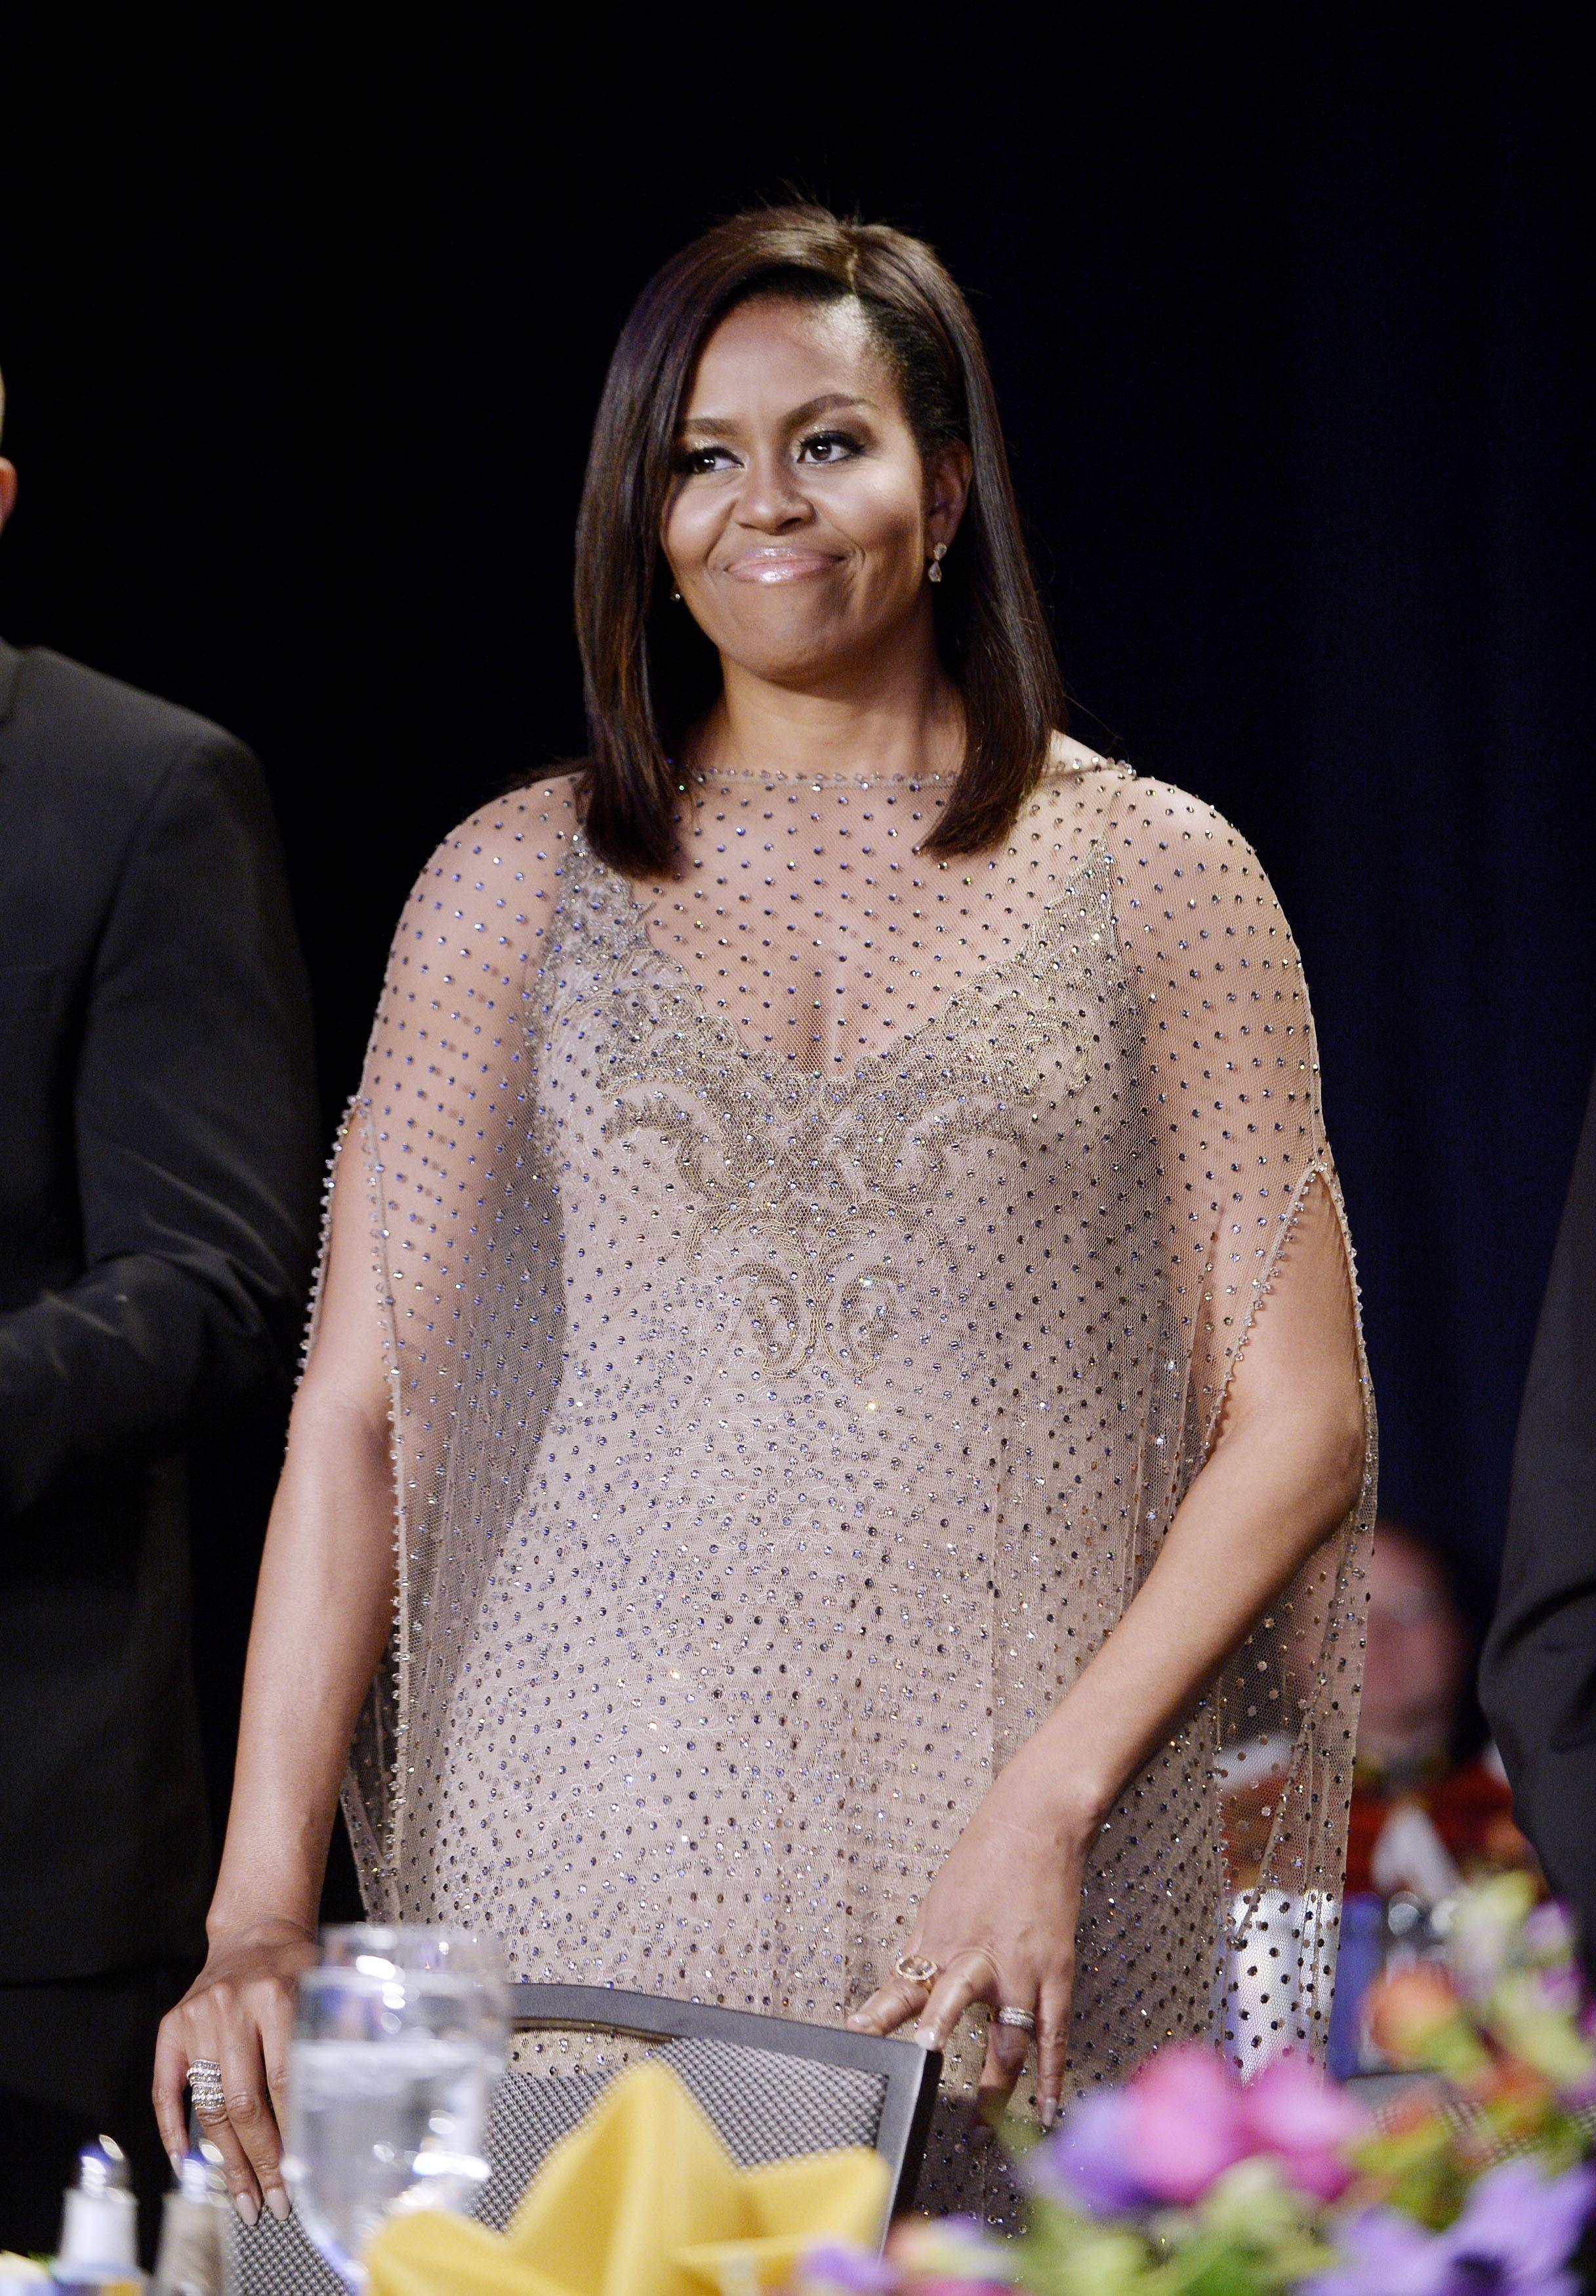 Givenchy  White House Correspondents Dinner, Washington DC - April 30, 2016